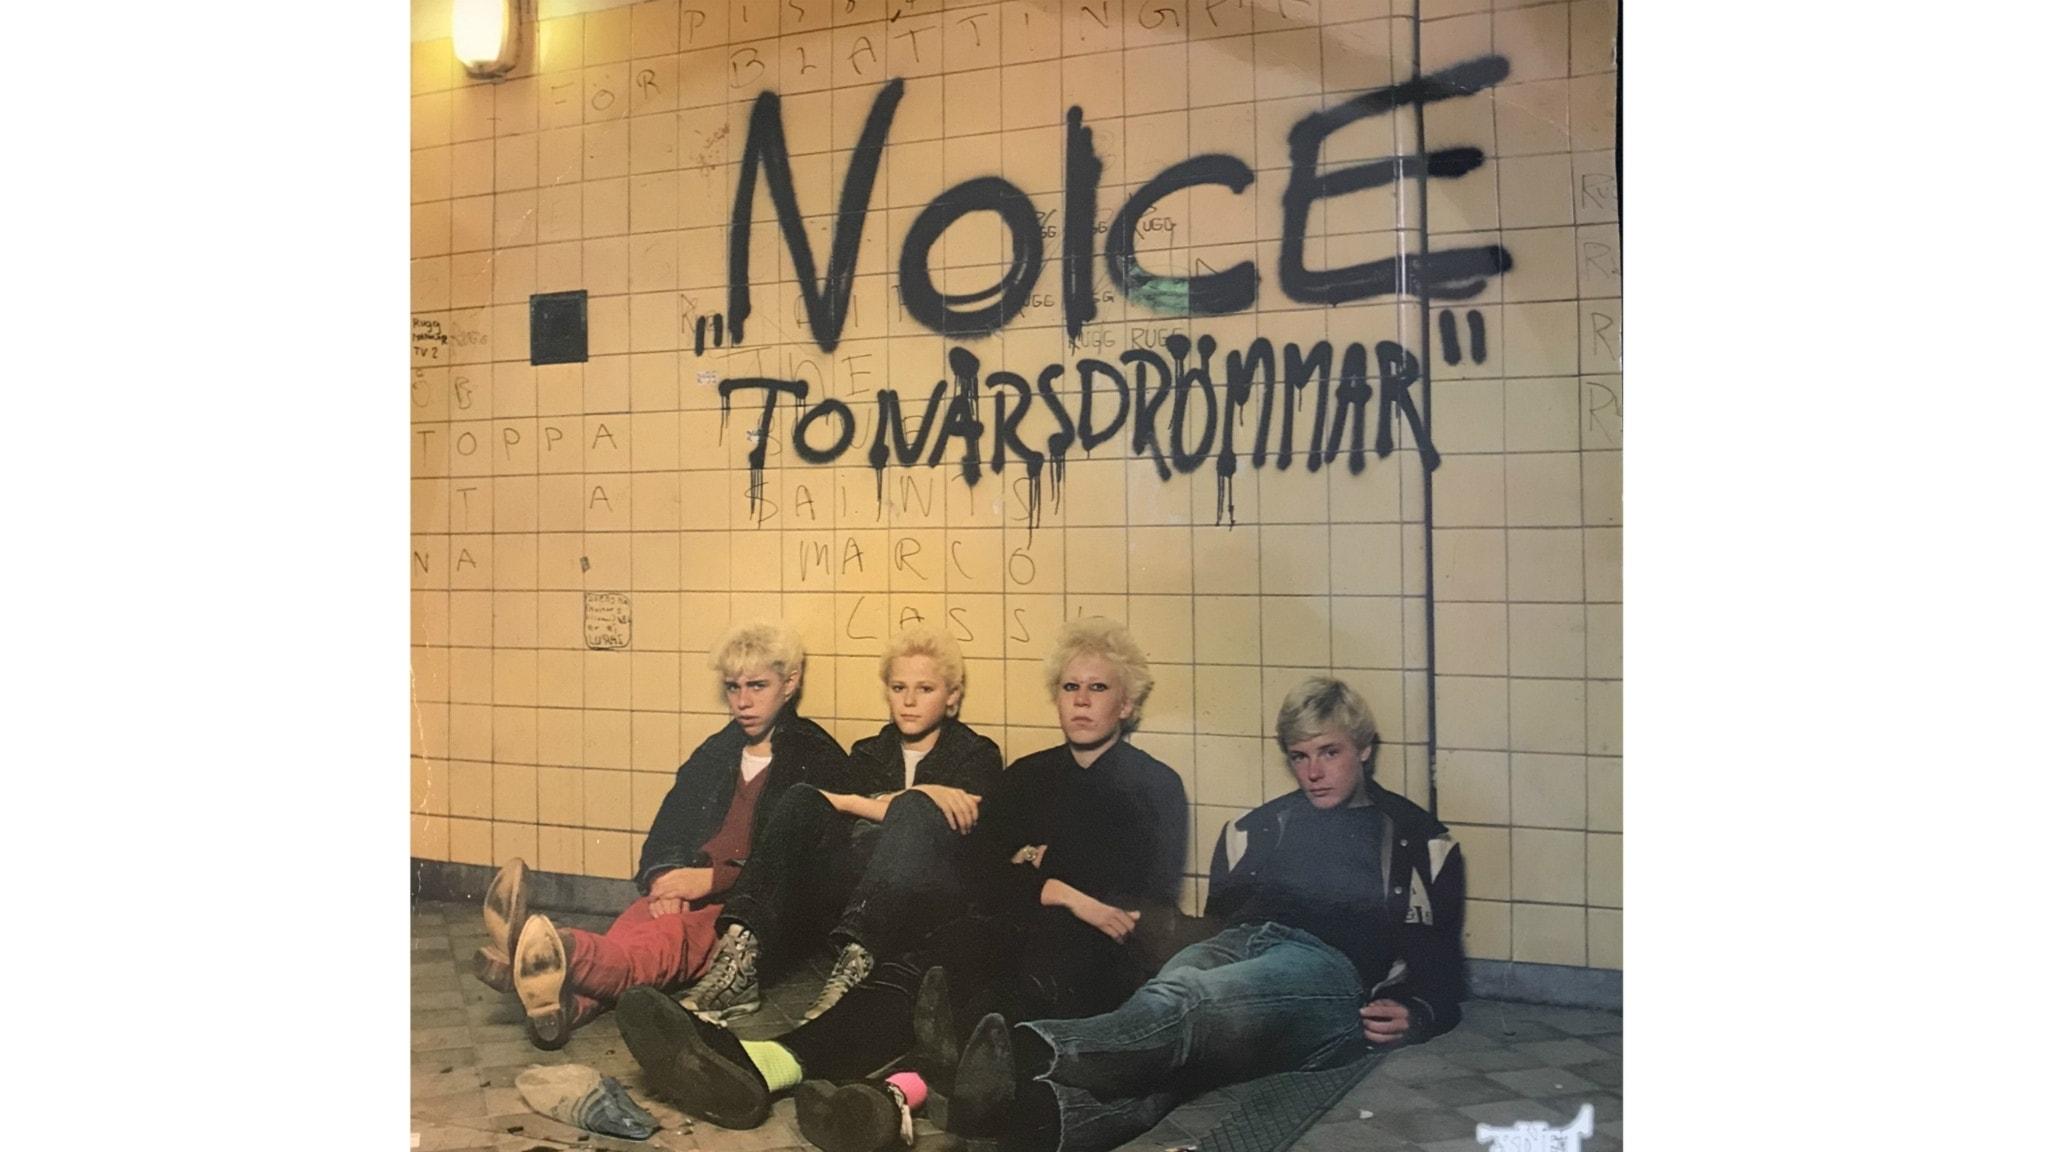 Legendariska bandet Noice på Musikplatsen